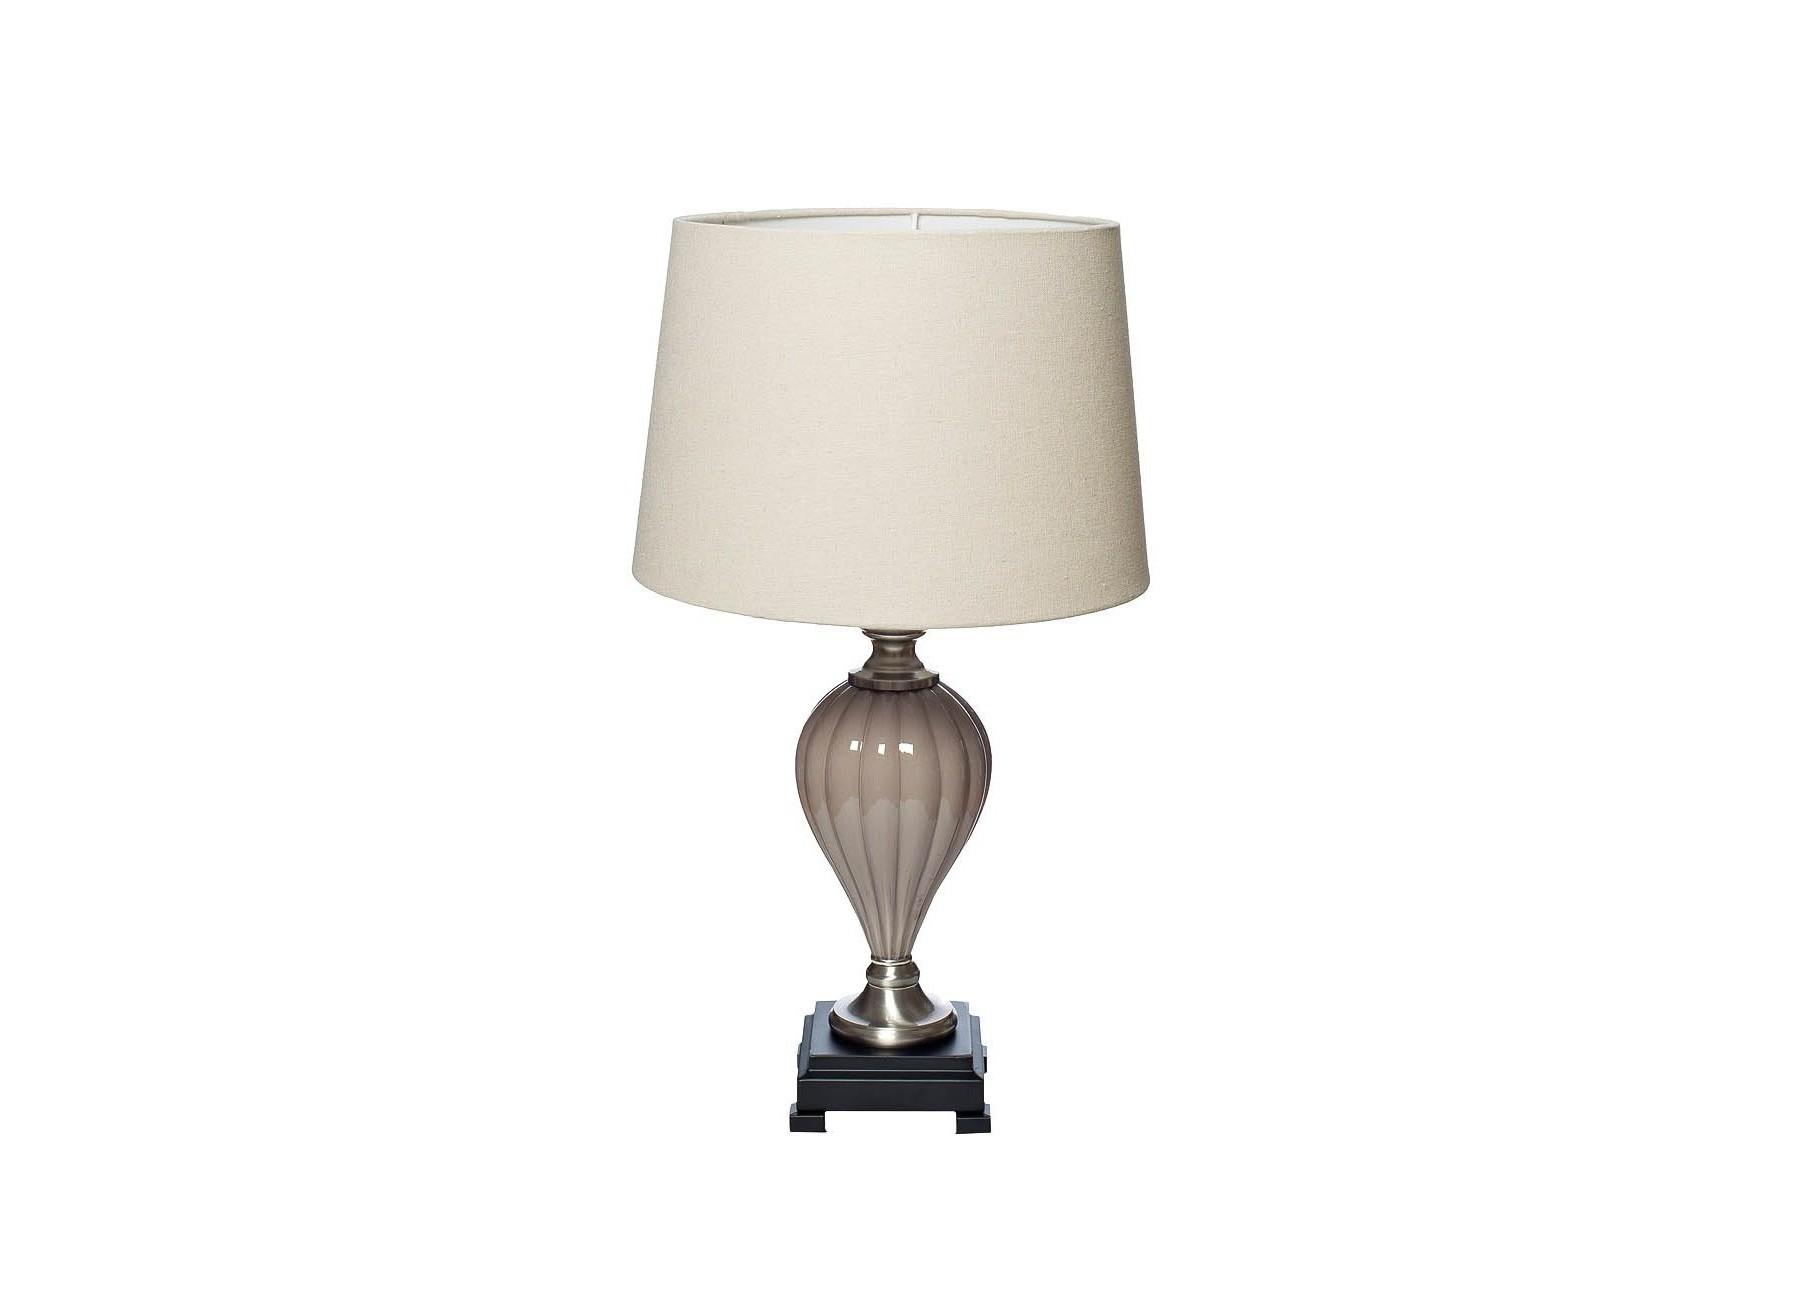 Лампа настольнаяДекоративные лампы<br>&amp;lt;div&amp;gt;Цоколь: E27&amp;lt;/div&amp;gt;&amp;lt;div&amp;gt;Мощность: 60W&amp;lt;/div&amp;gt;&amp;lt;div&amp;gt;Количество ламп: 1&amp;lt;/div&amp;gt;<br><br>Material: Металл<br>Высота см: 60